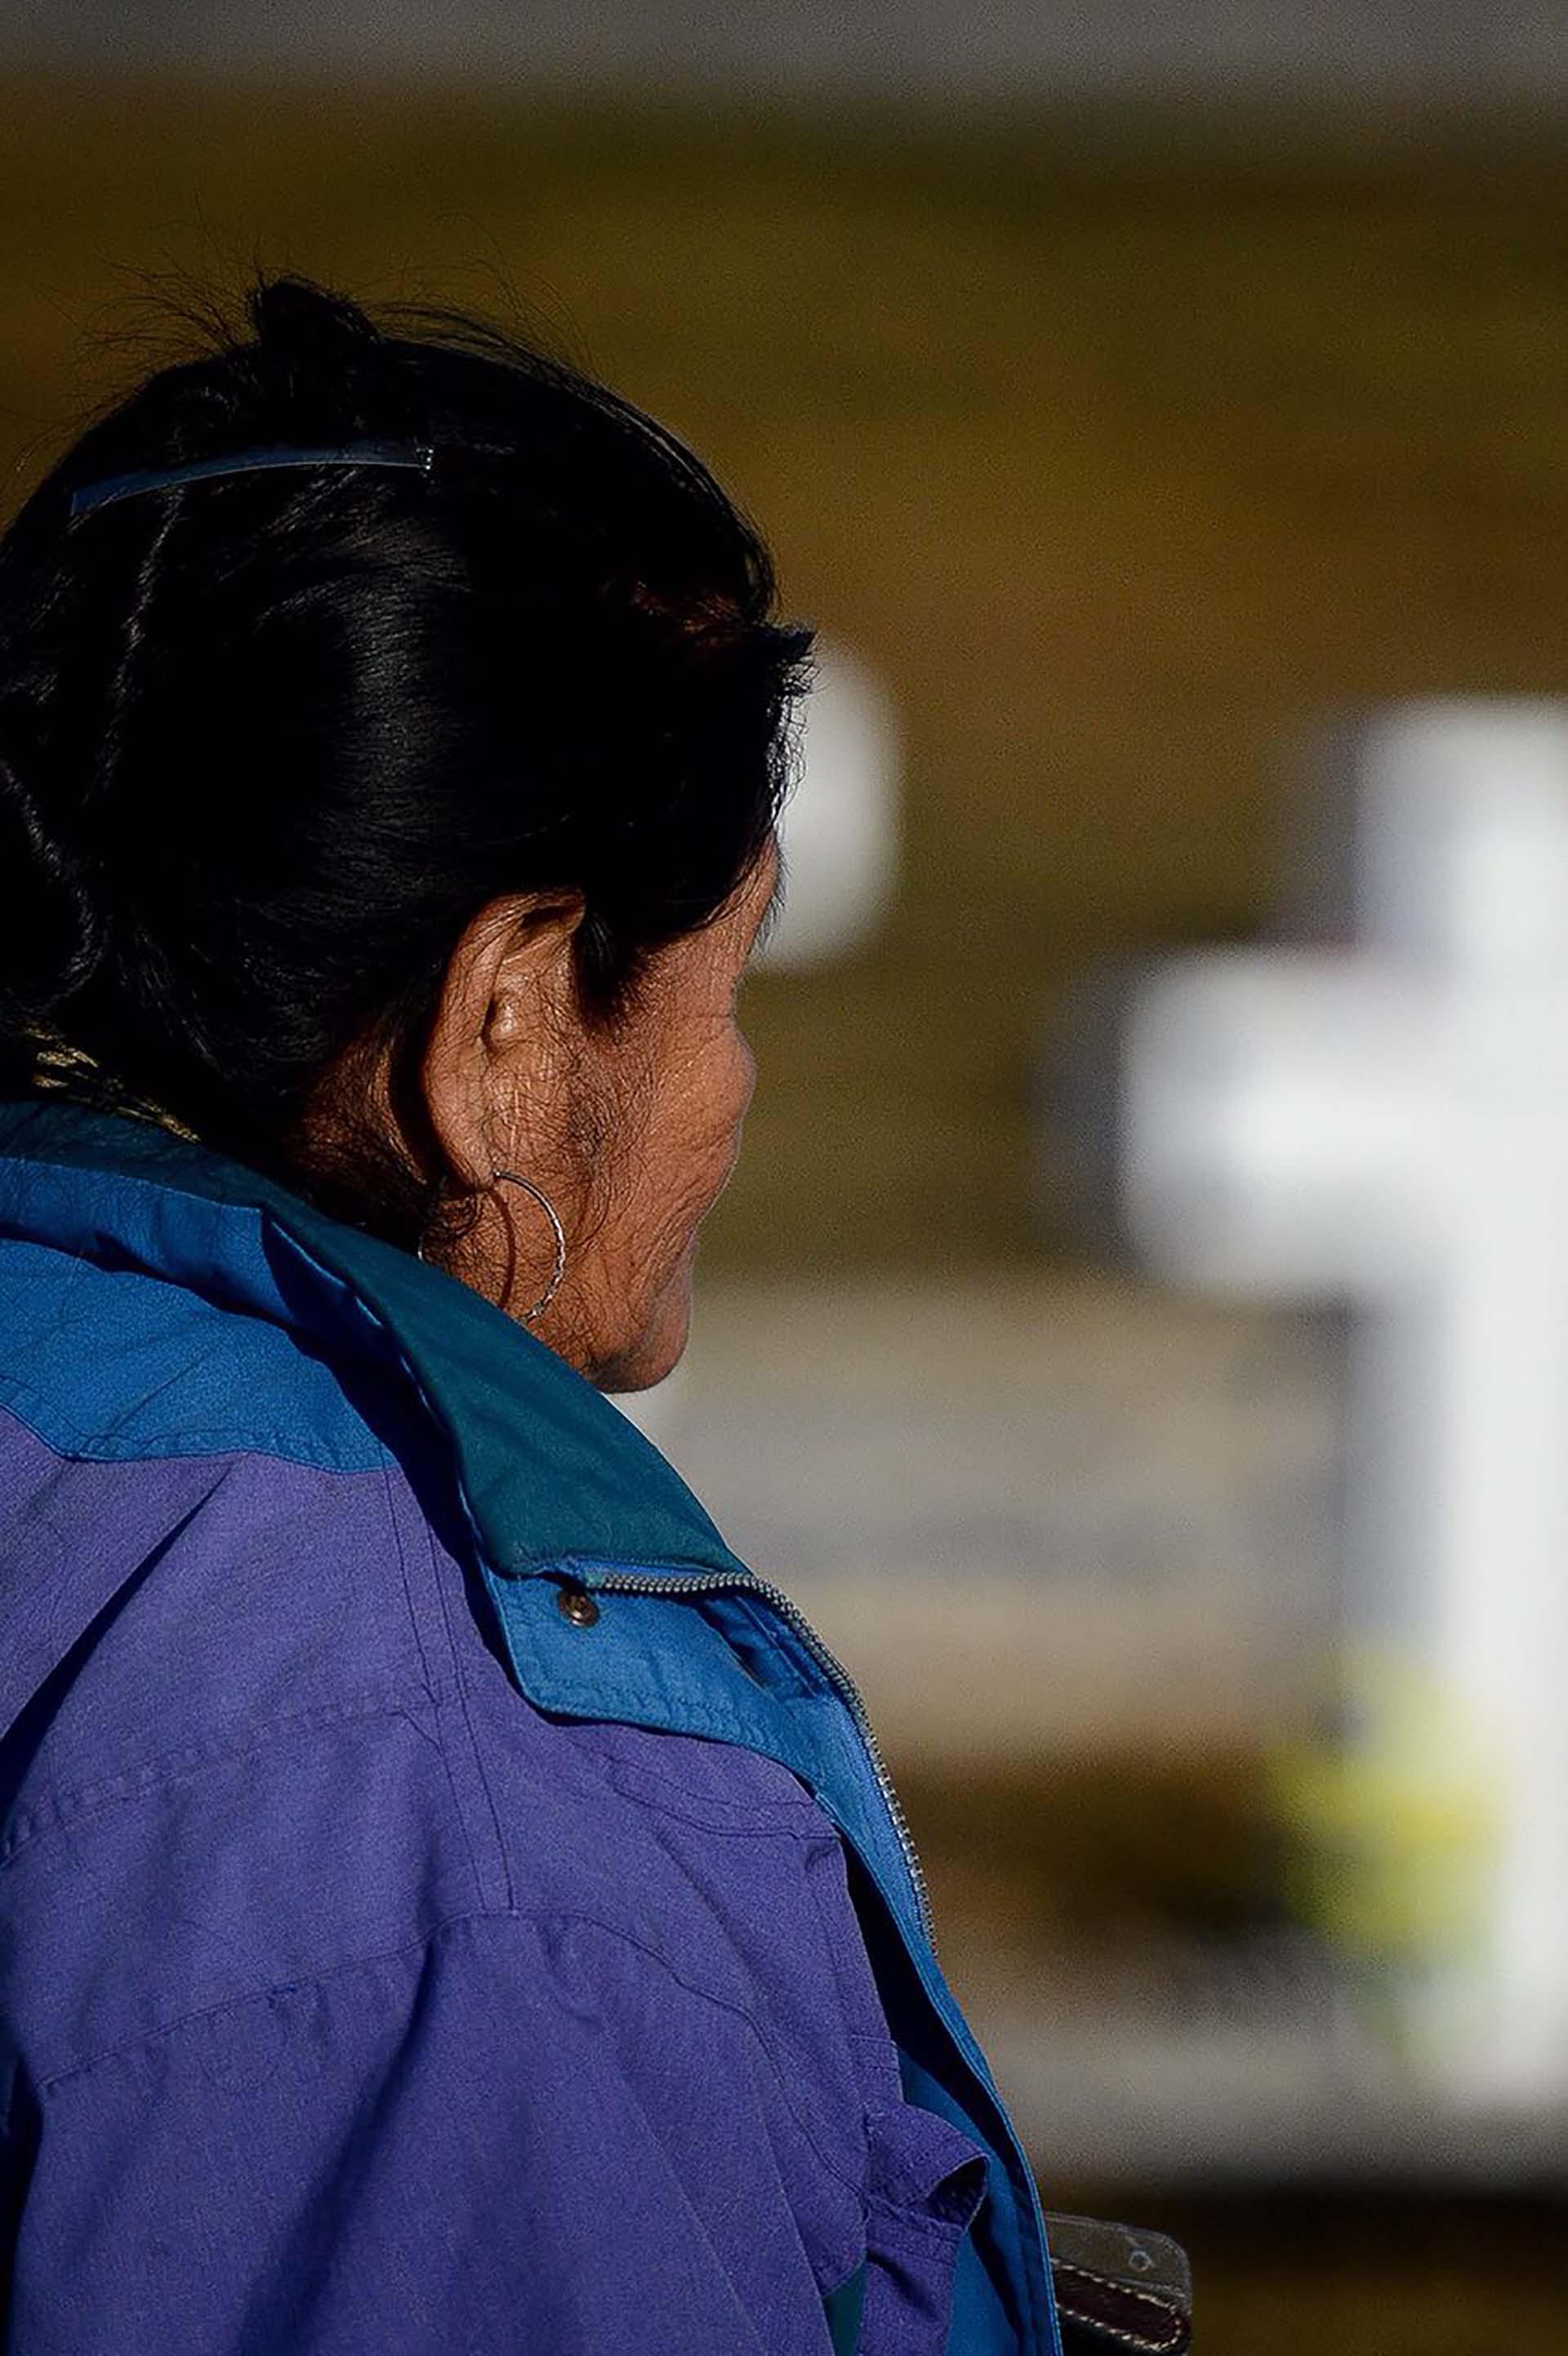 """Norma Di Moto, hermana de Celso Alegre, soldado chaqueño: """"Mi mamá no quiso venir, ella quiere seguir imaginando a su hijo como el día que se fue a la guerra"""" (Foto: Presidencia de la Nación/Secretaria DDHH/ Víctor Bugge)"""